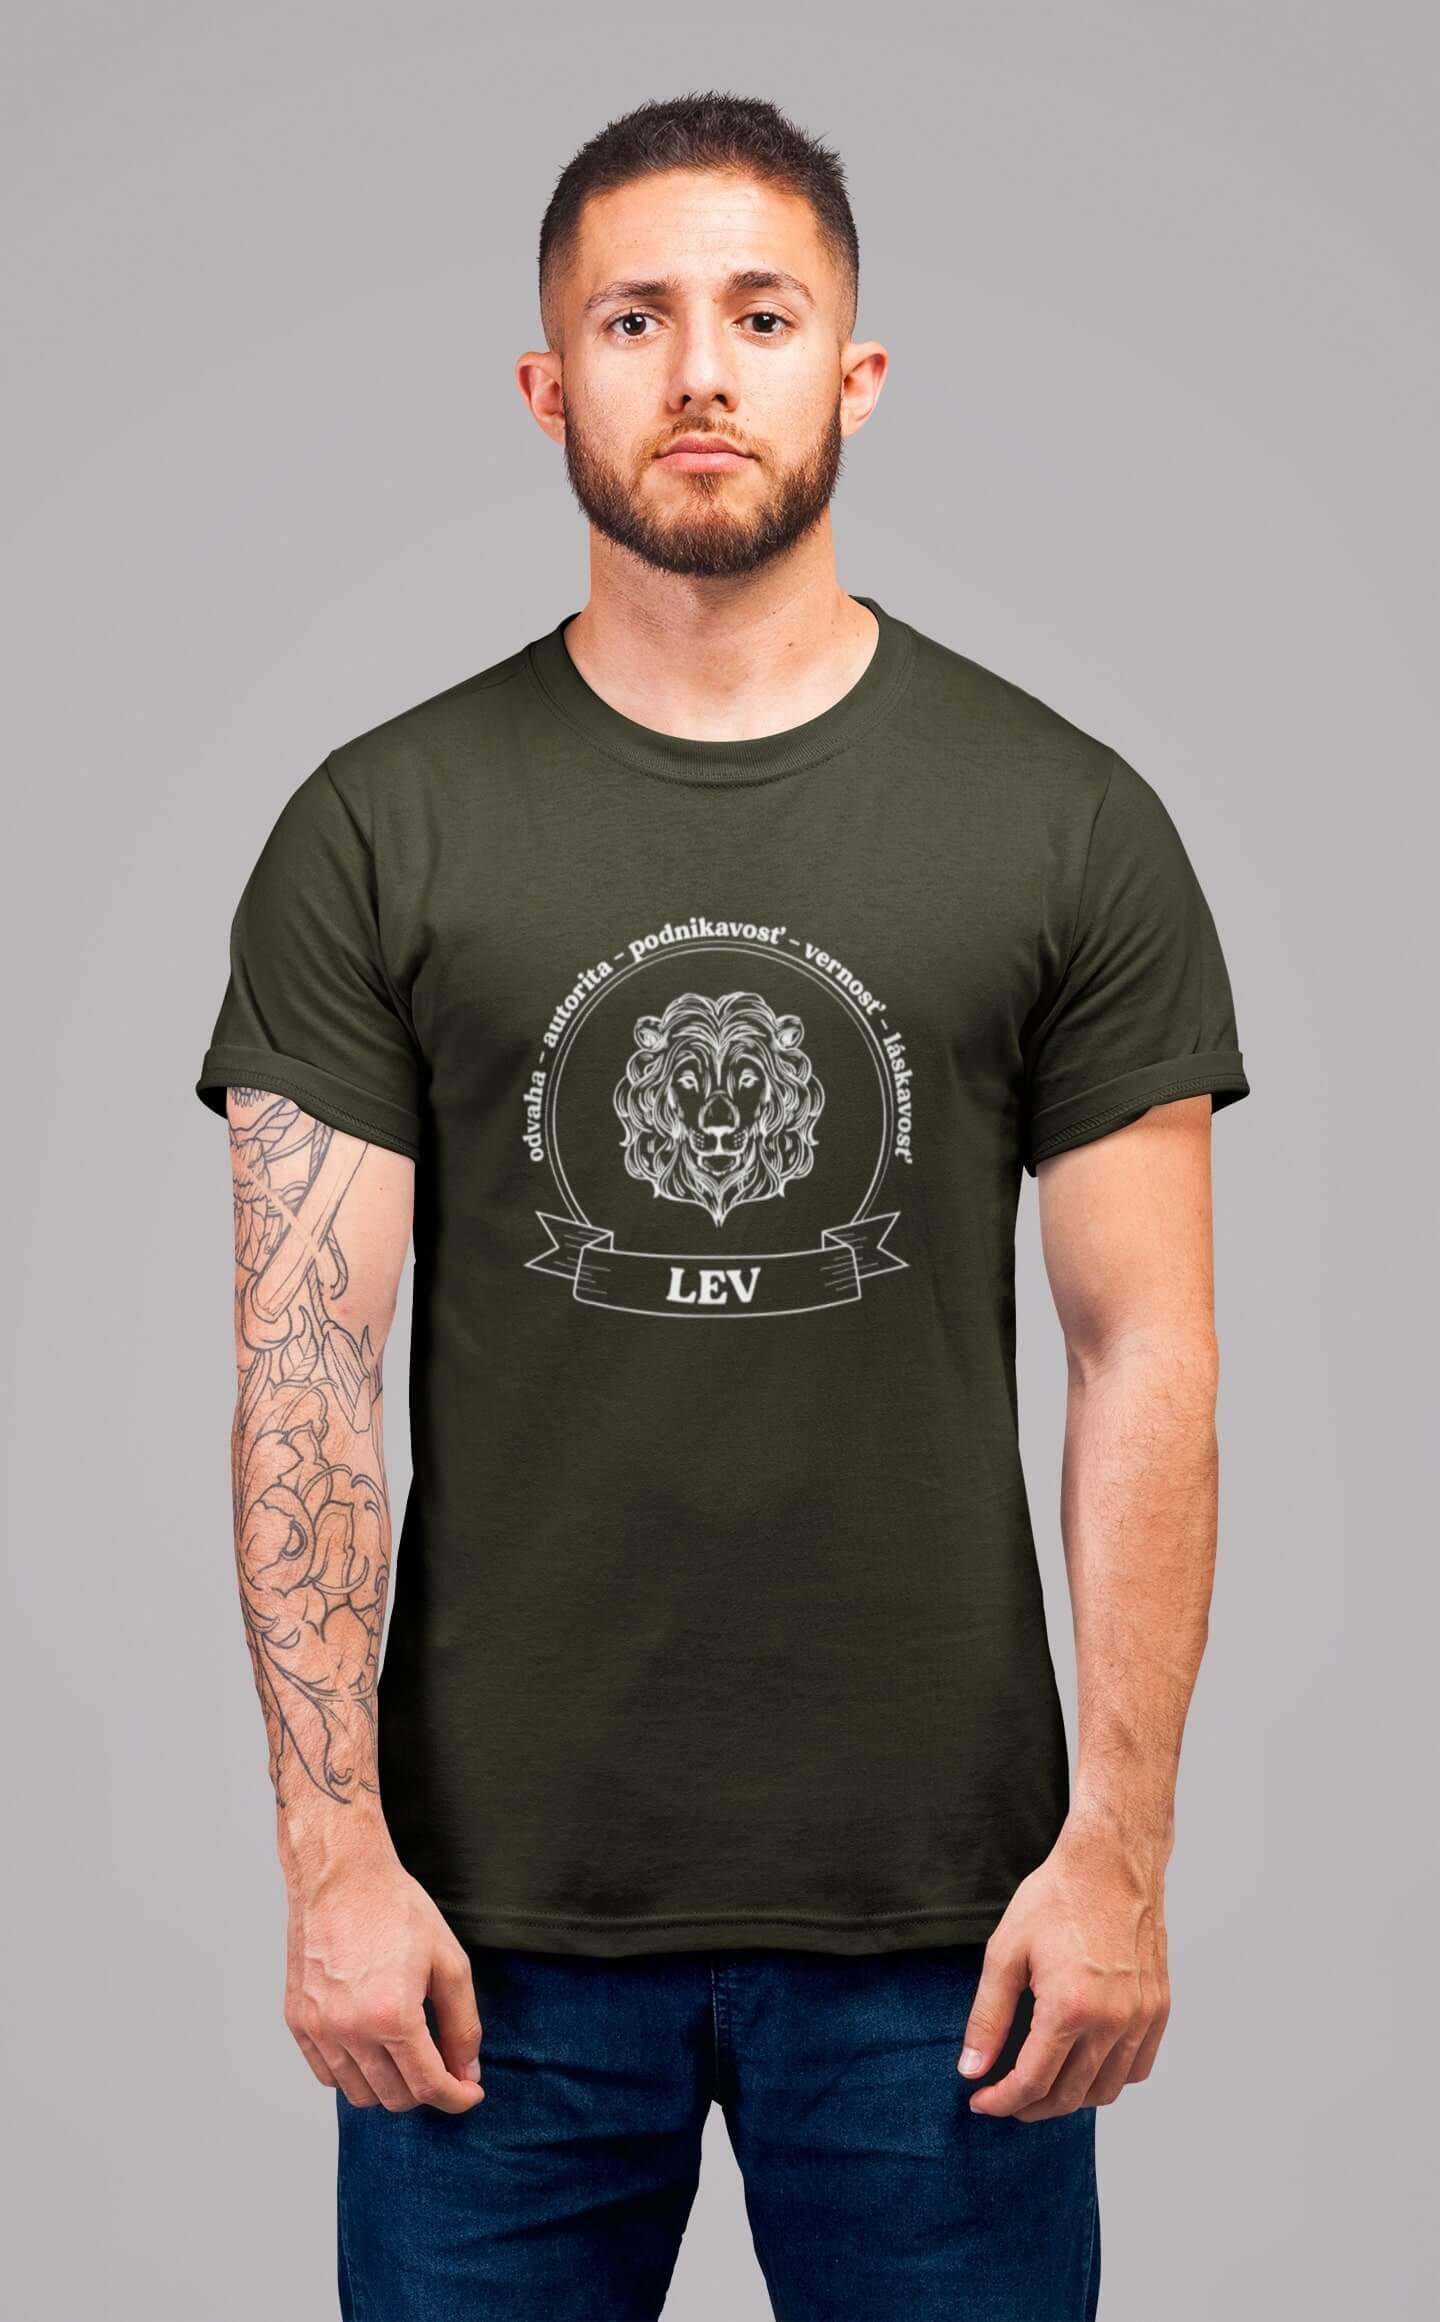 MMO Pánske tričko Lev Vyberte farbu: Military, Vyberte veľkosť: XS